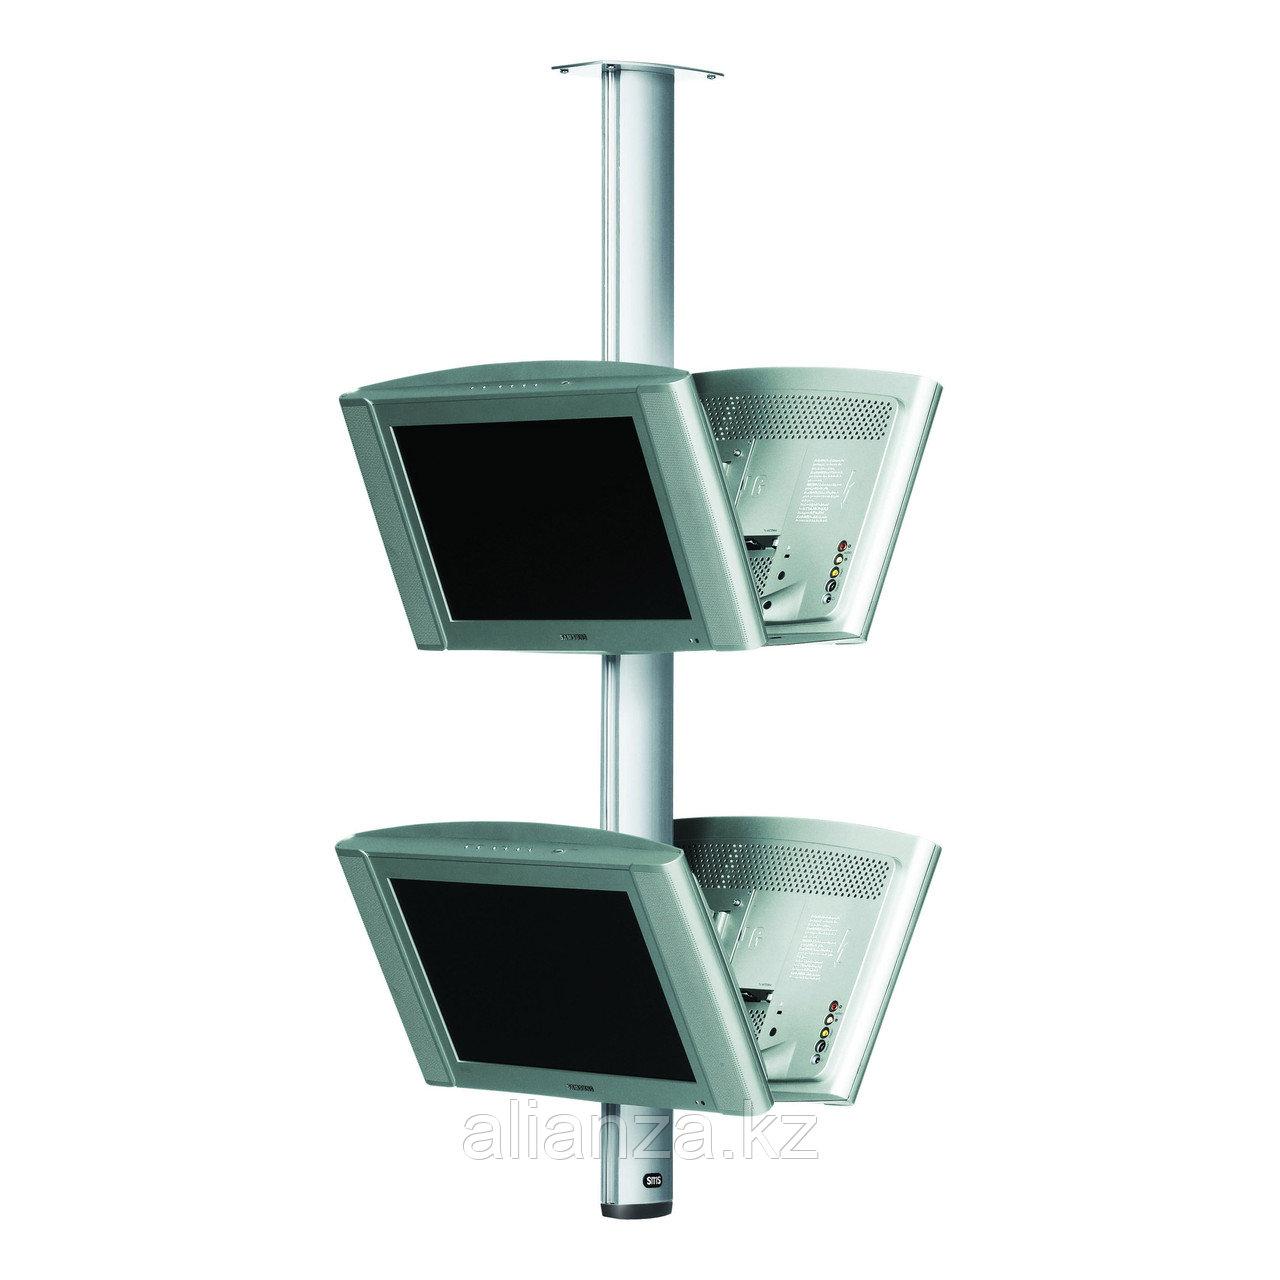 Кронштейн для телевизора SMS Flatscreen CM ST1800